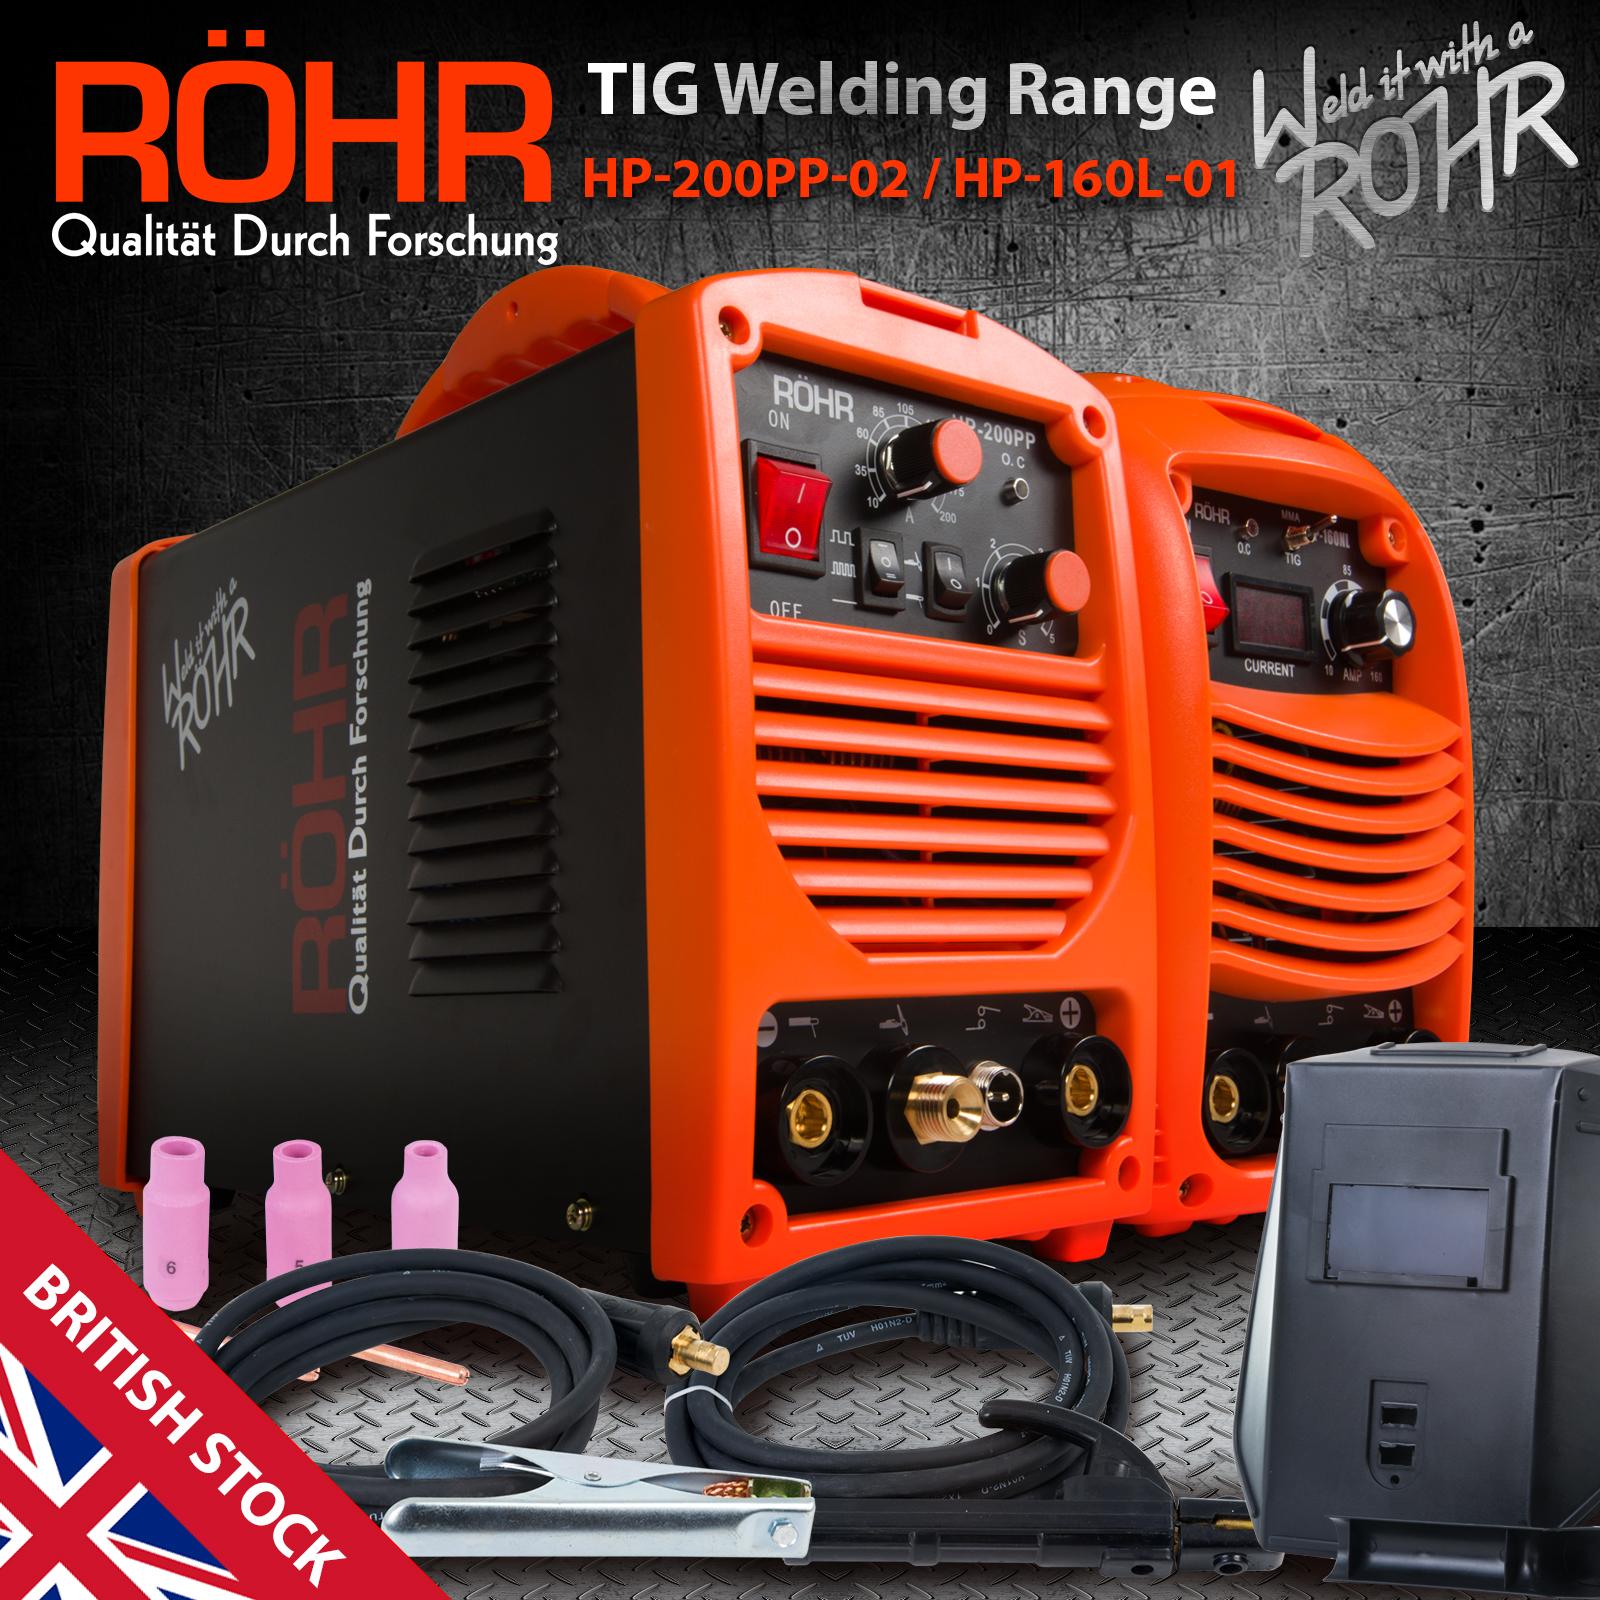 Details about ROHR TIG MMA Inverter Welding Welder Machine (HP-200PP /  160L) Portable Welders